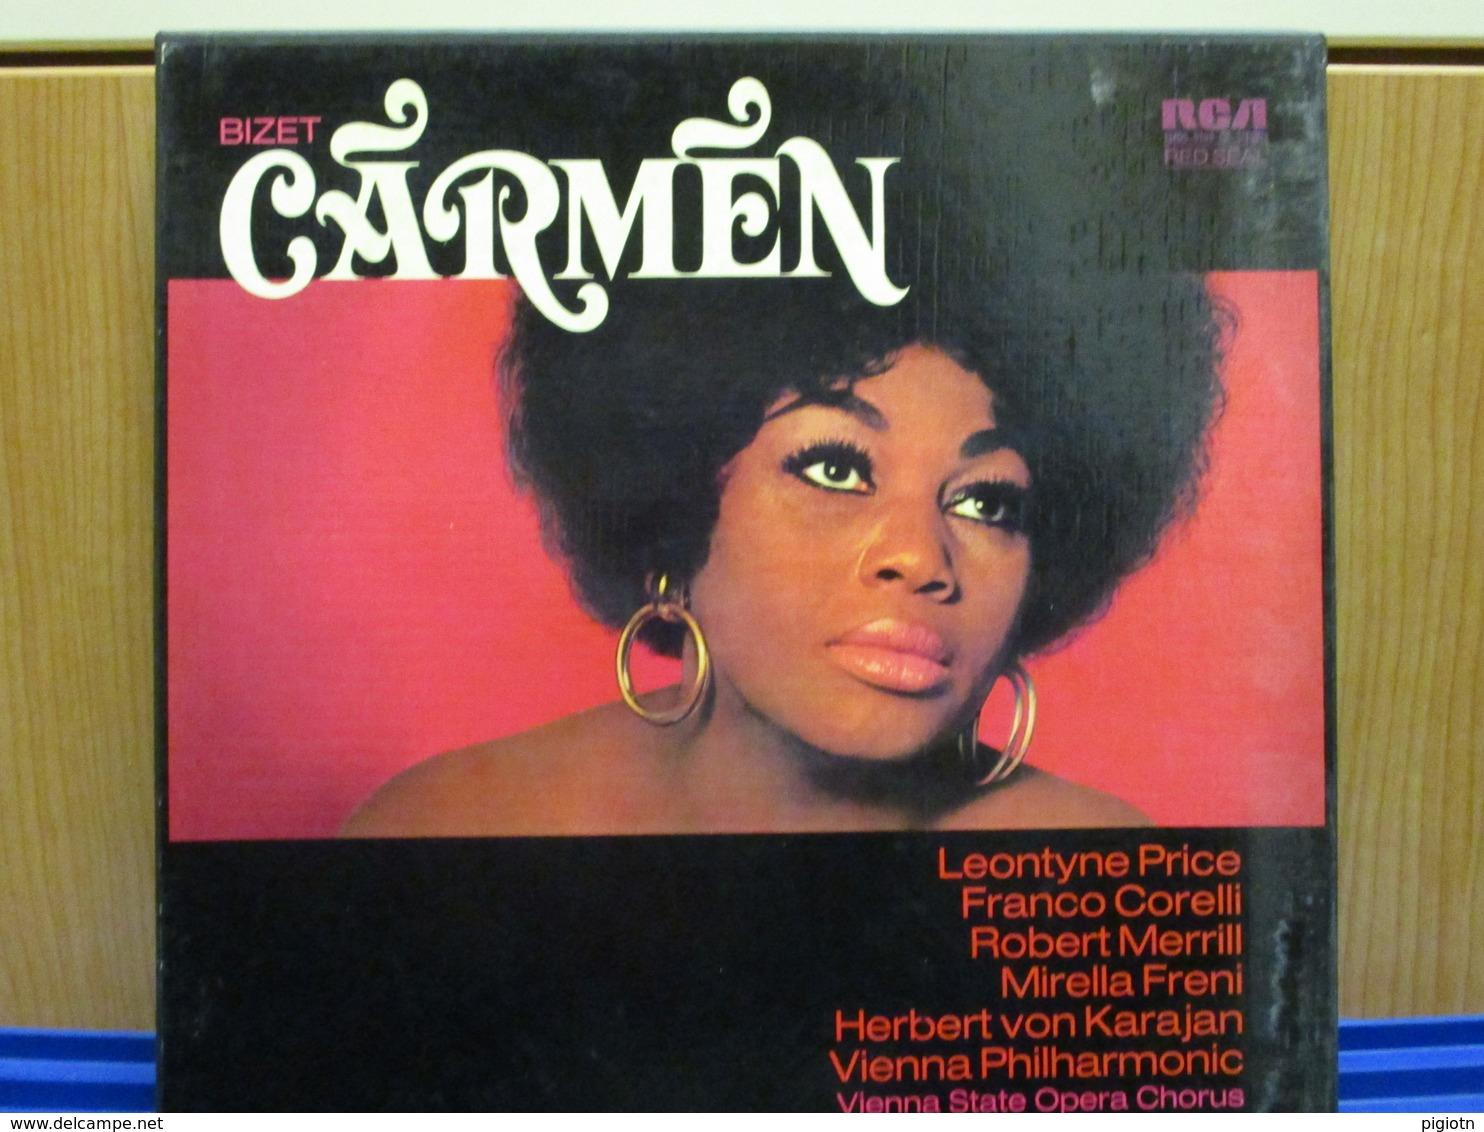 LP115 - COFANETTO 3 LP + LIBRETTO -CARMEN -LEONTYNE PRICE-FRANCO CORELLI-ROBERT MERRIL-MIRELLA FRENI - Oper & Operette